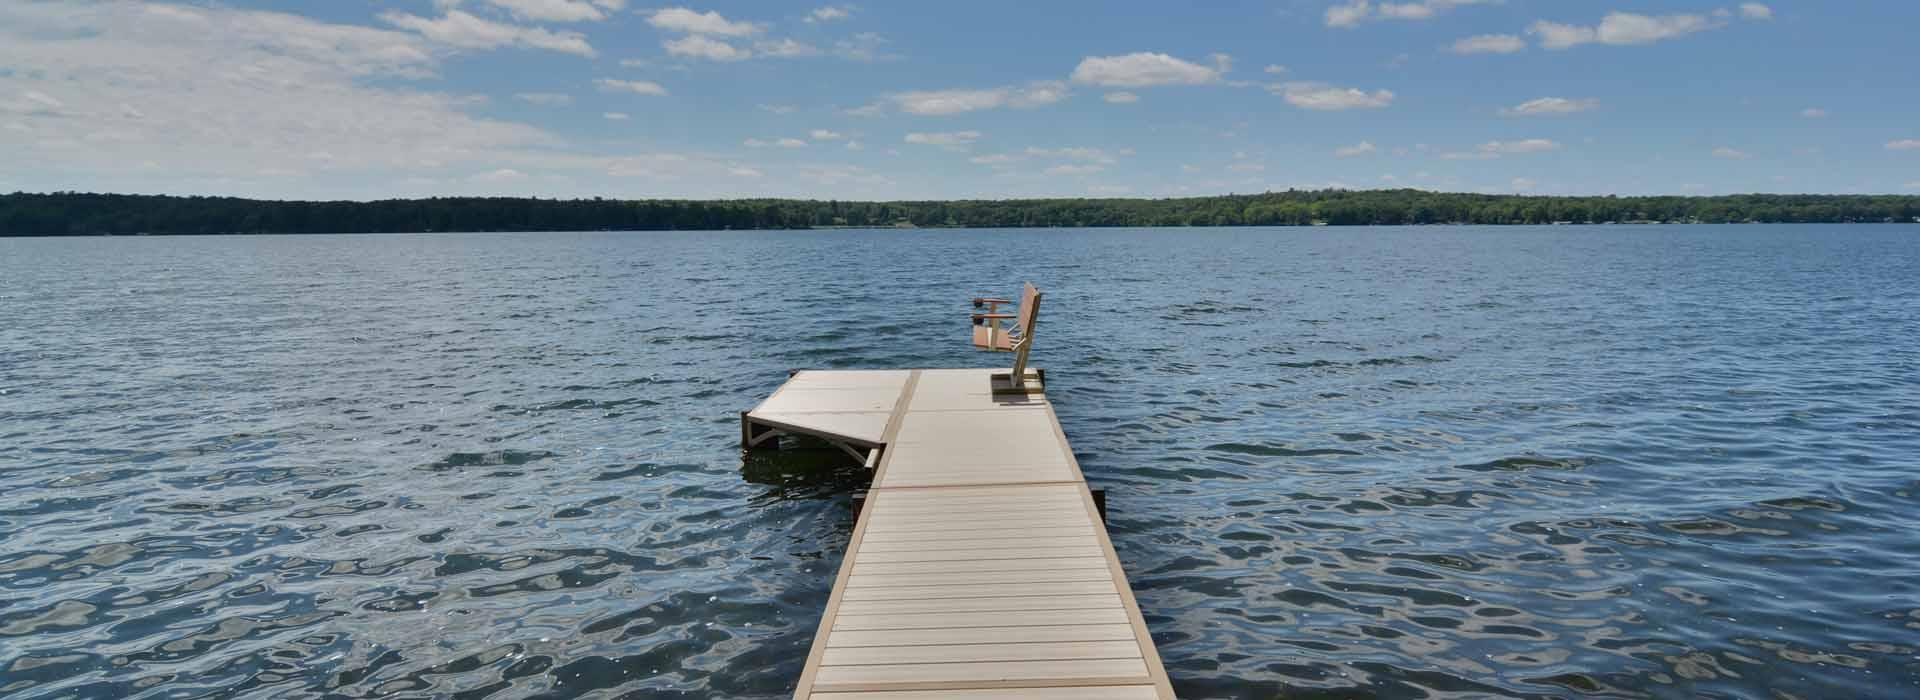 Spooner Wisconsin Real Estate Properties For Sale Benson